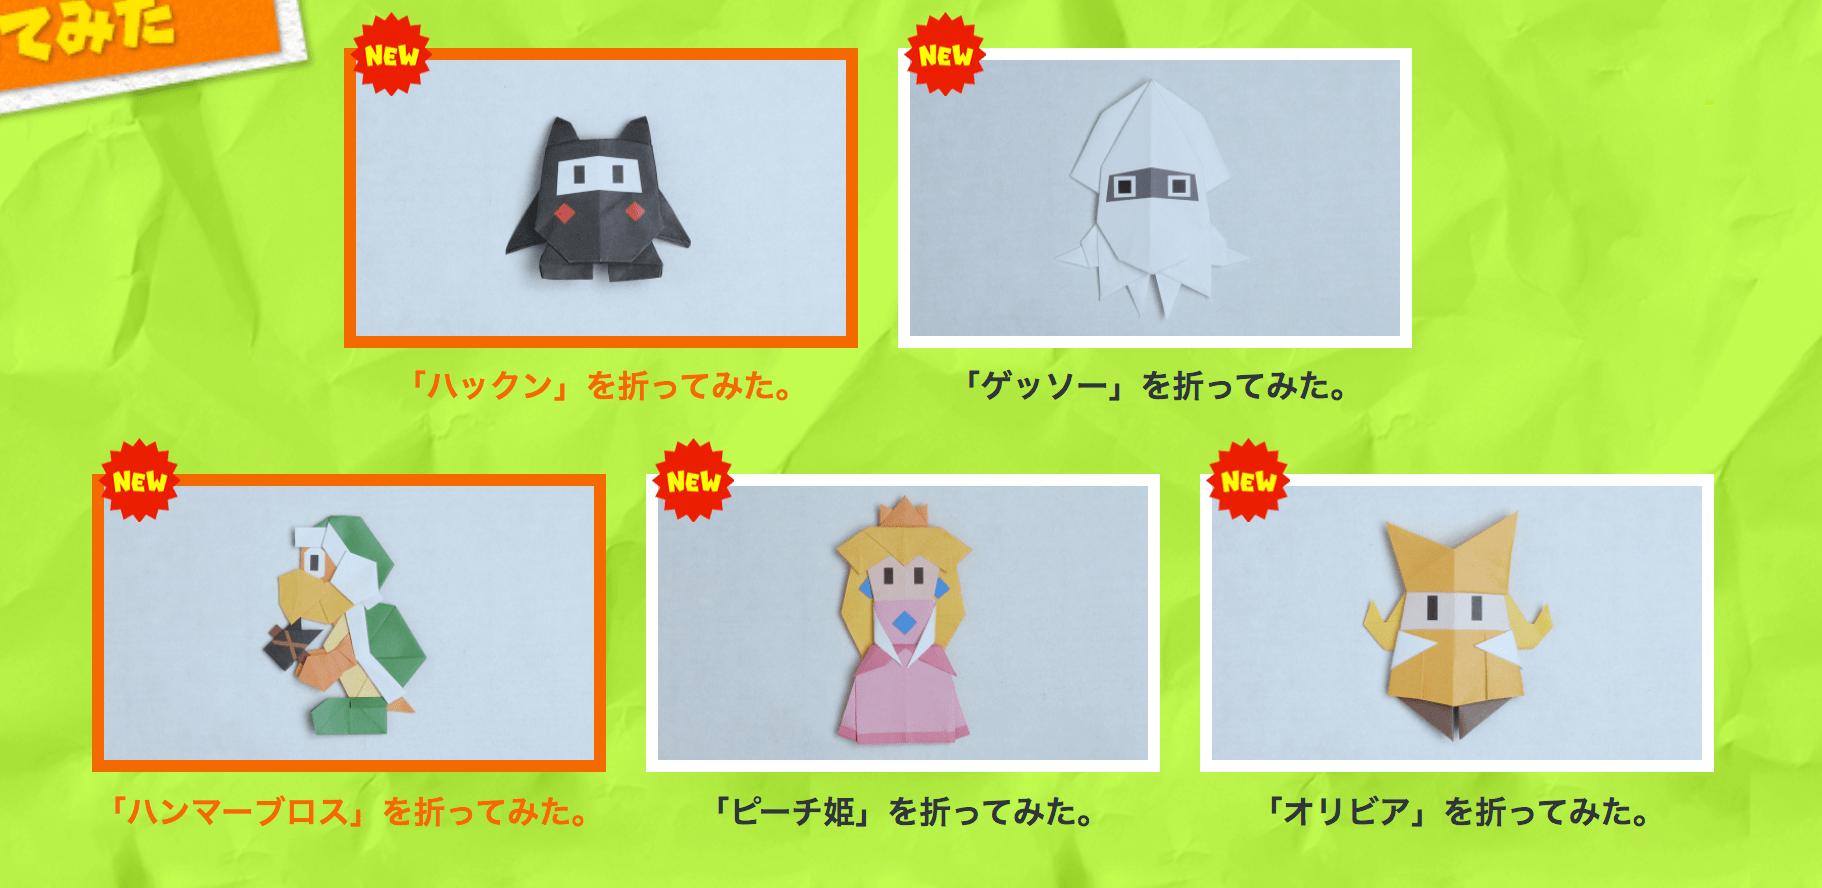 Éntrale con todo a 'Paper Mario: The Origami King' con estos tutoriales para crear tus personajes de papel